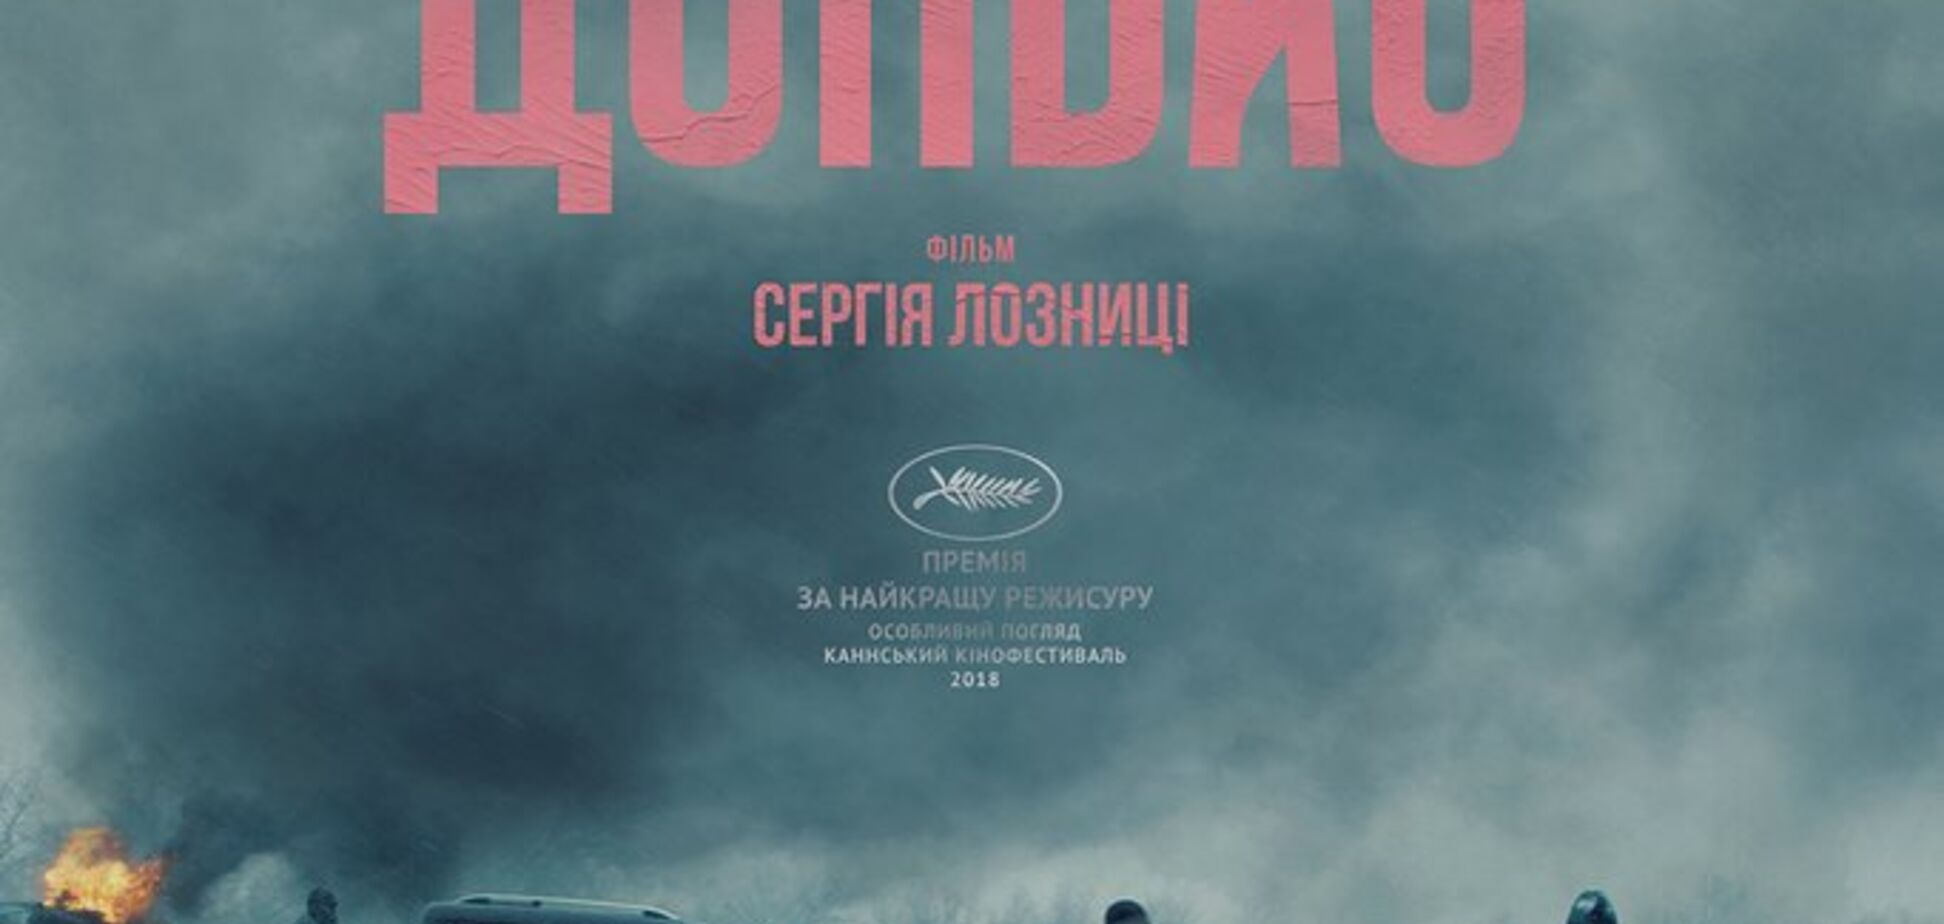 Фільм-претендент на 'Оскар' від України: вийшов офіційний трейлер